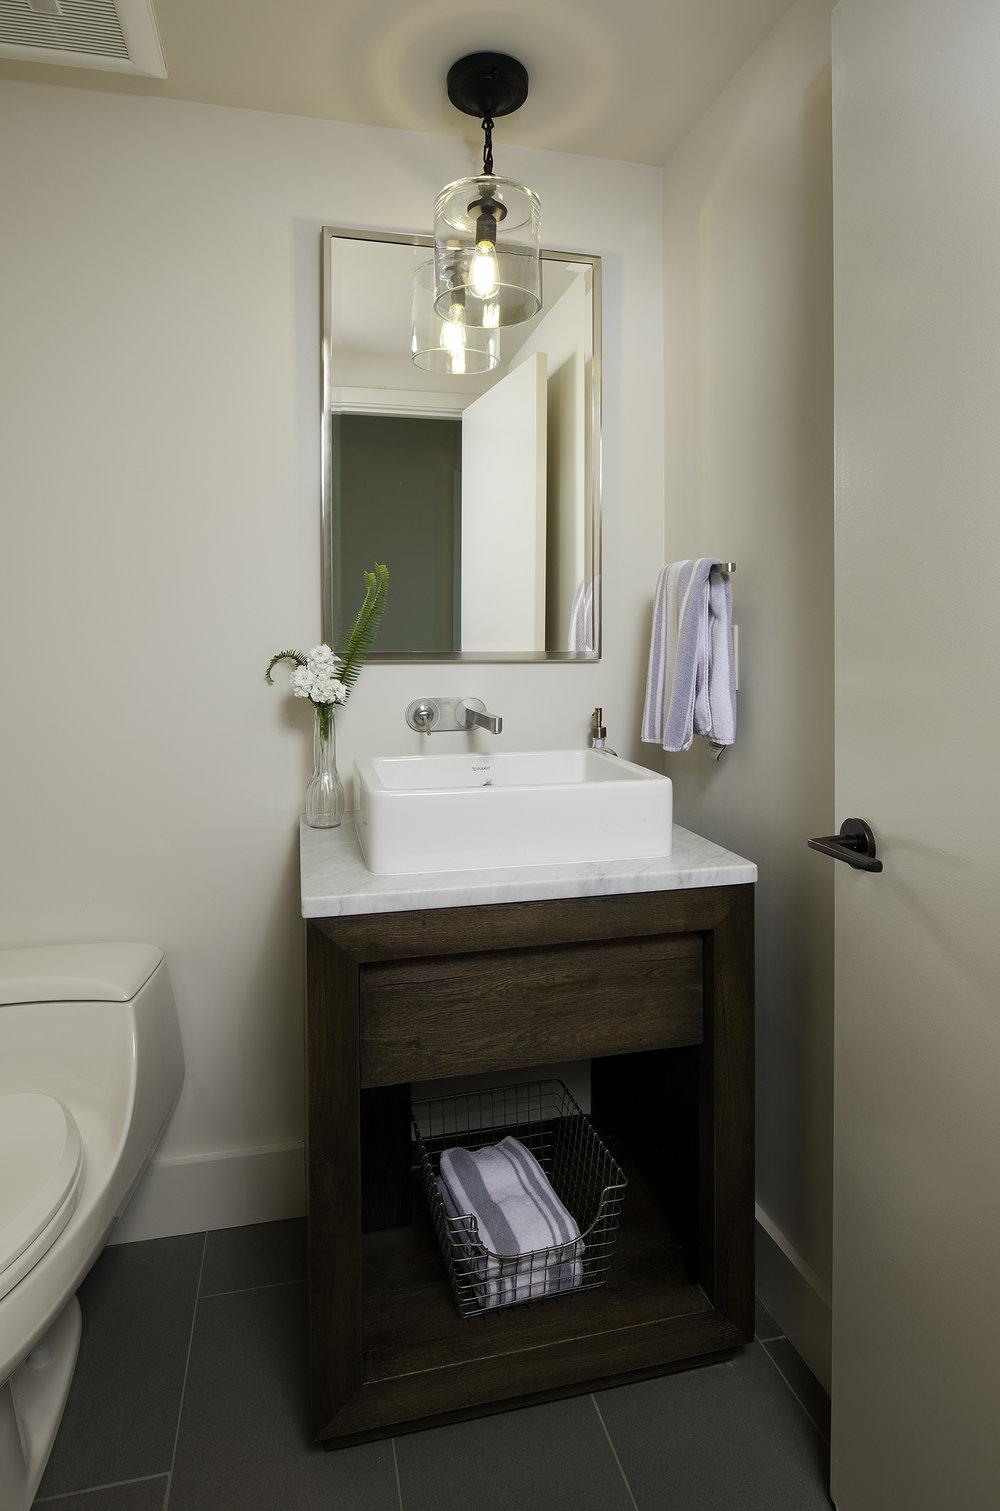 cadobathroom3.jpg